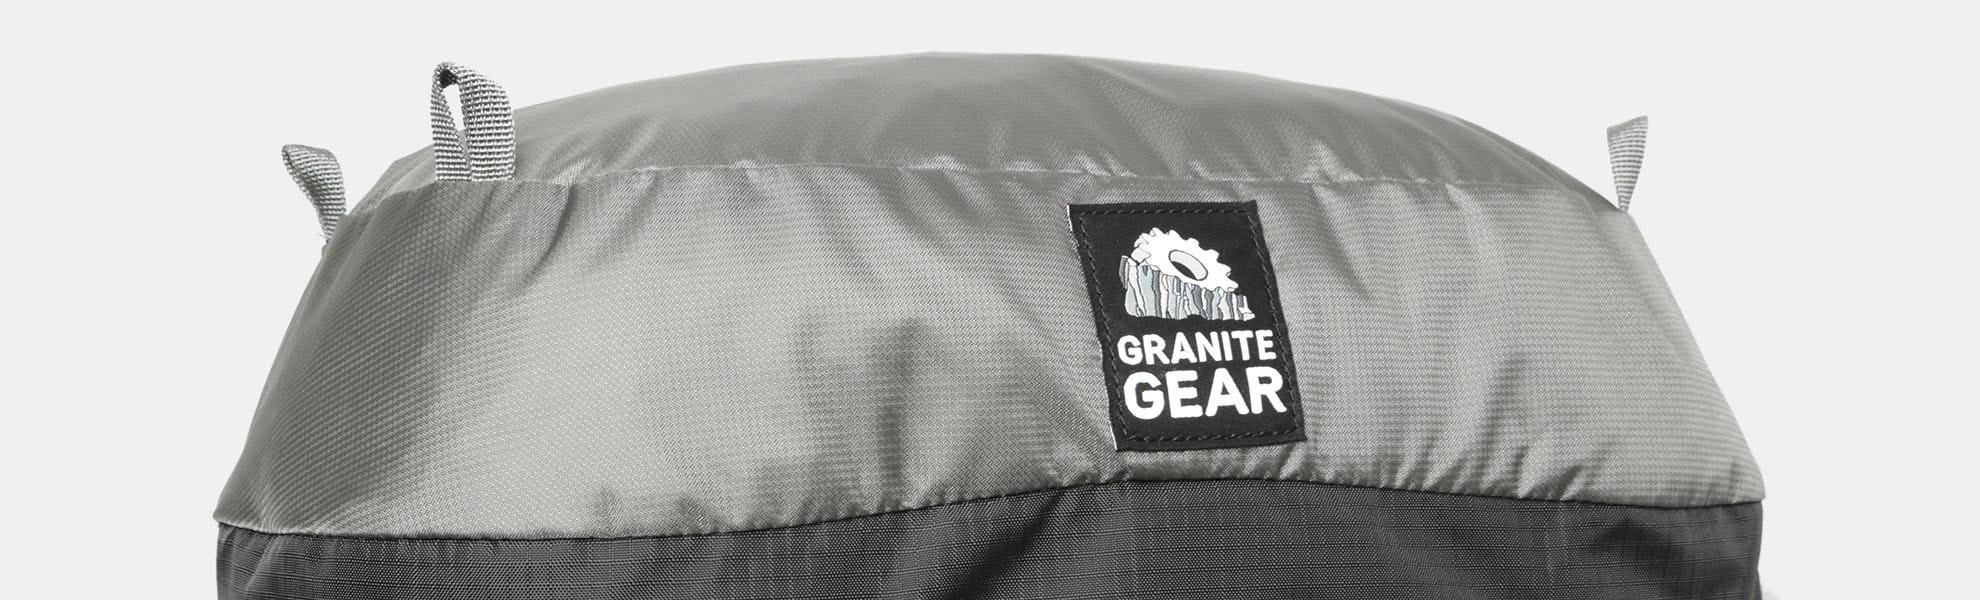 Massdrop x Granite Gear Crown X60